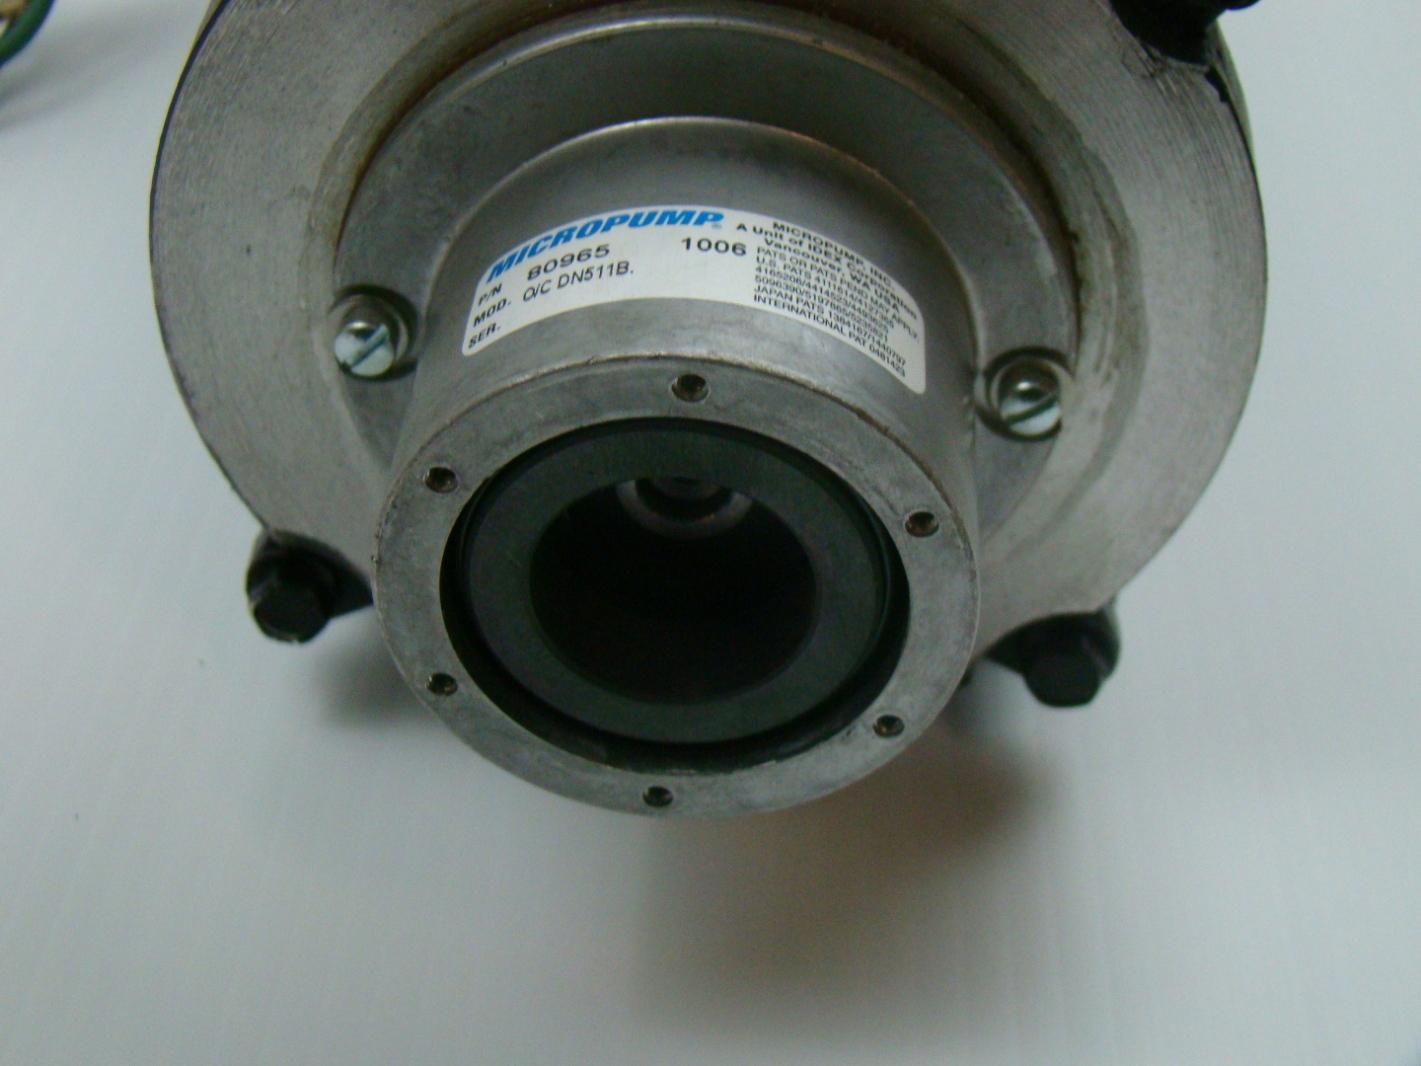 Allen bradley 1 ph manual motor starting switch 600 tax5 for Allen bradley manual motor starter